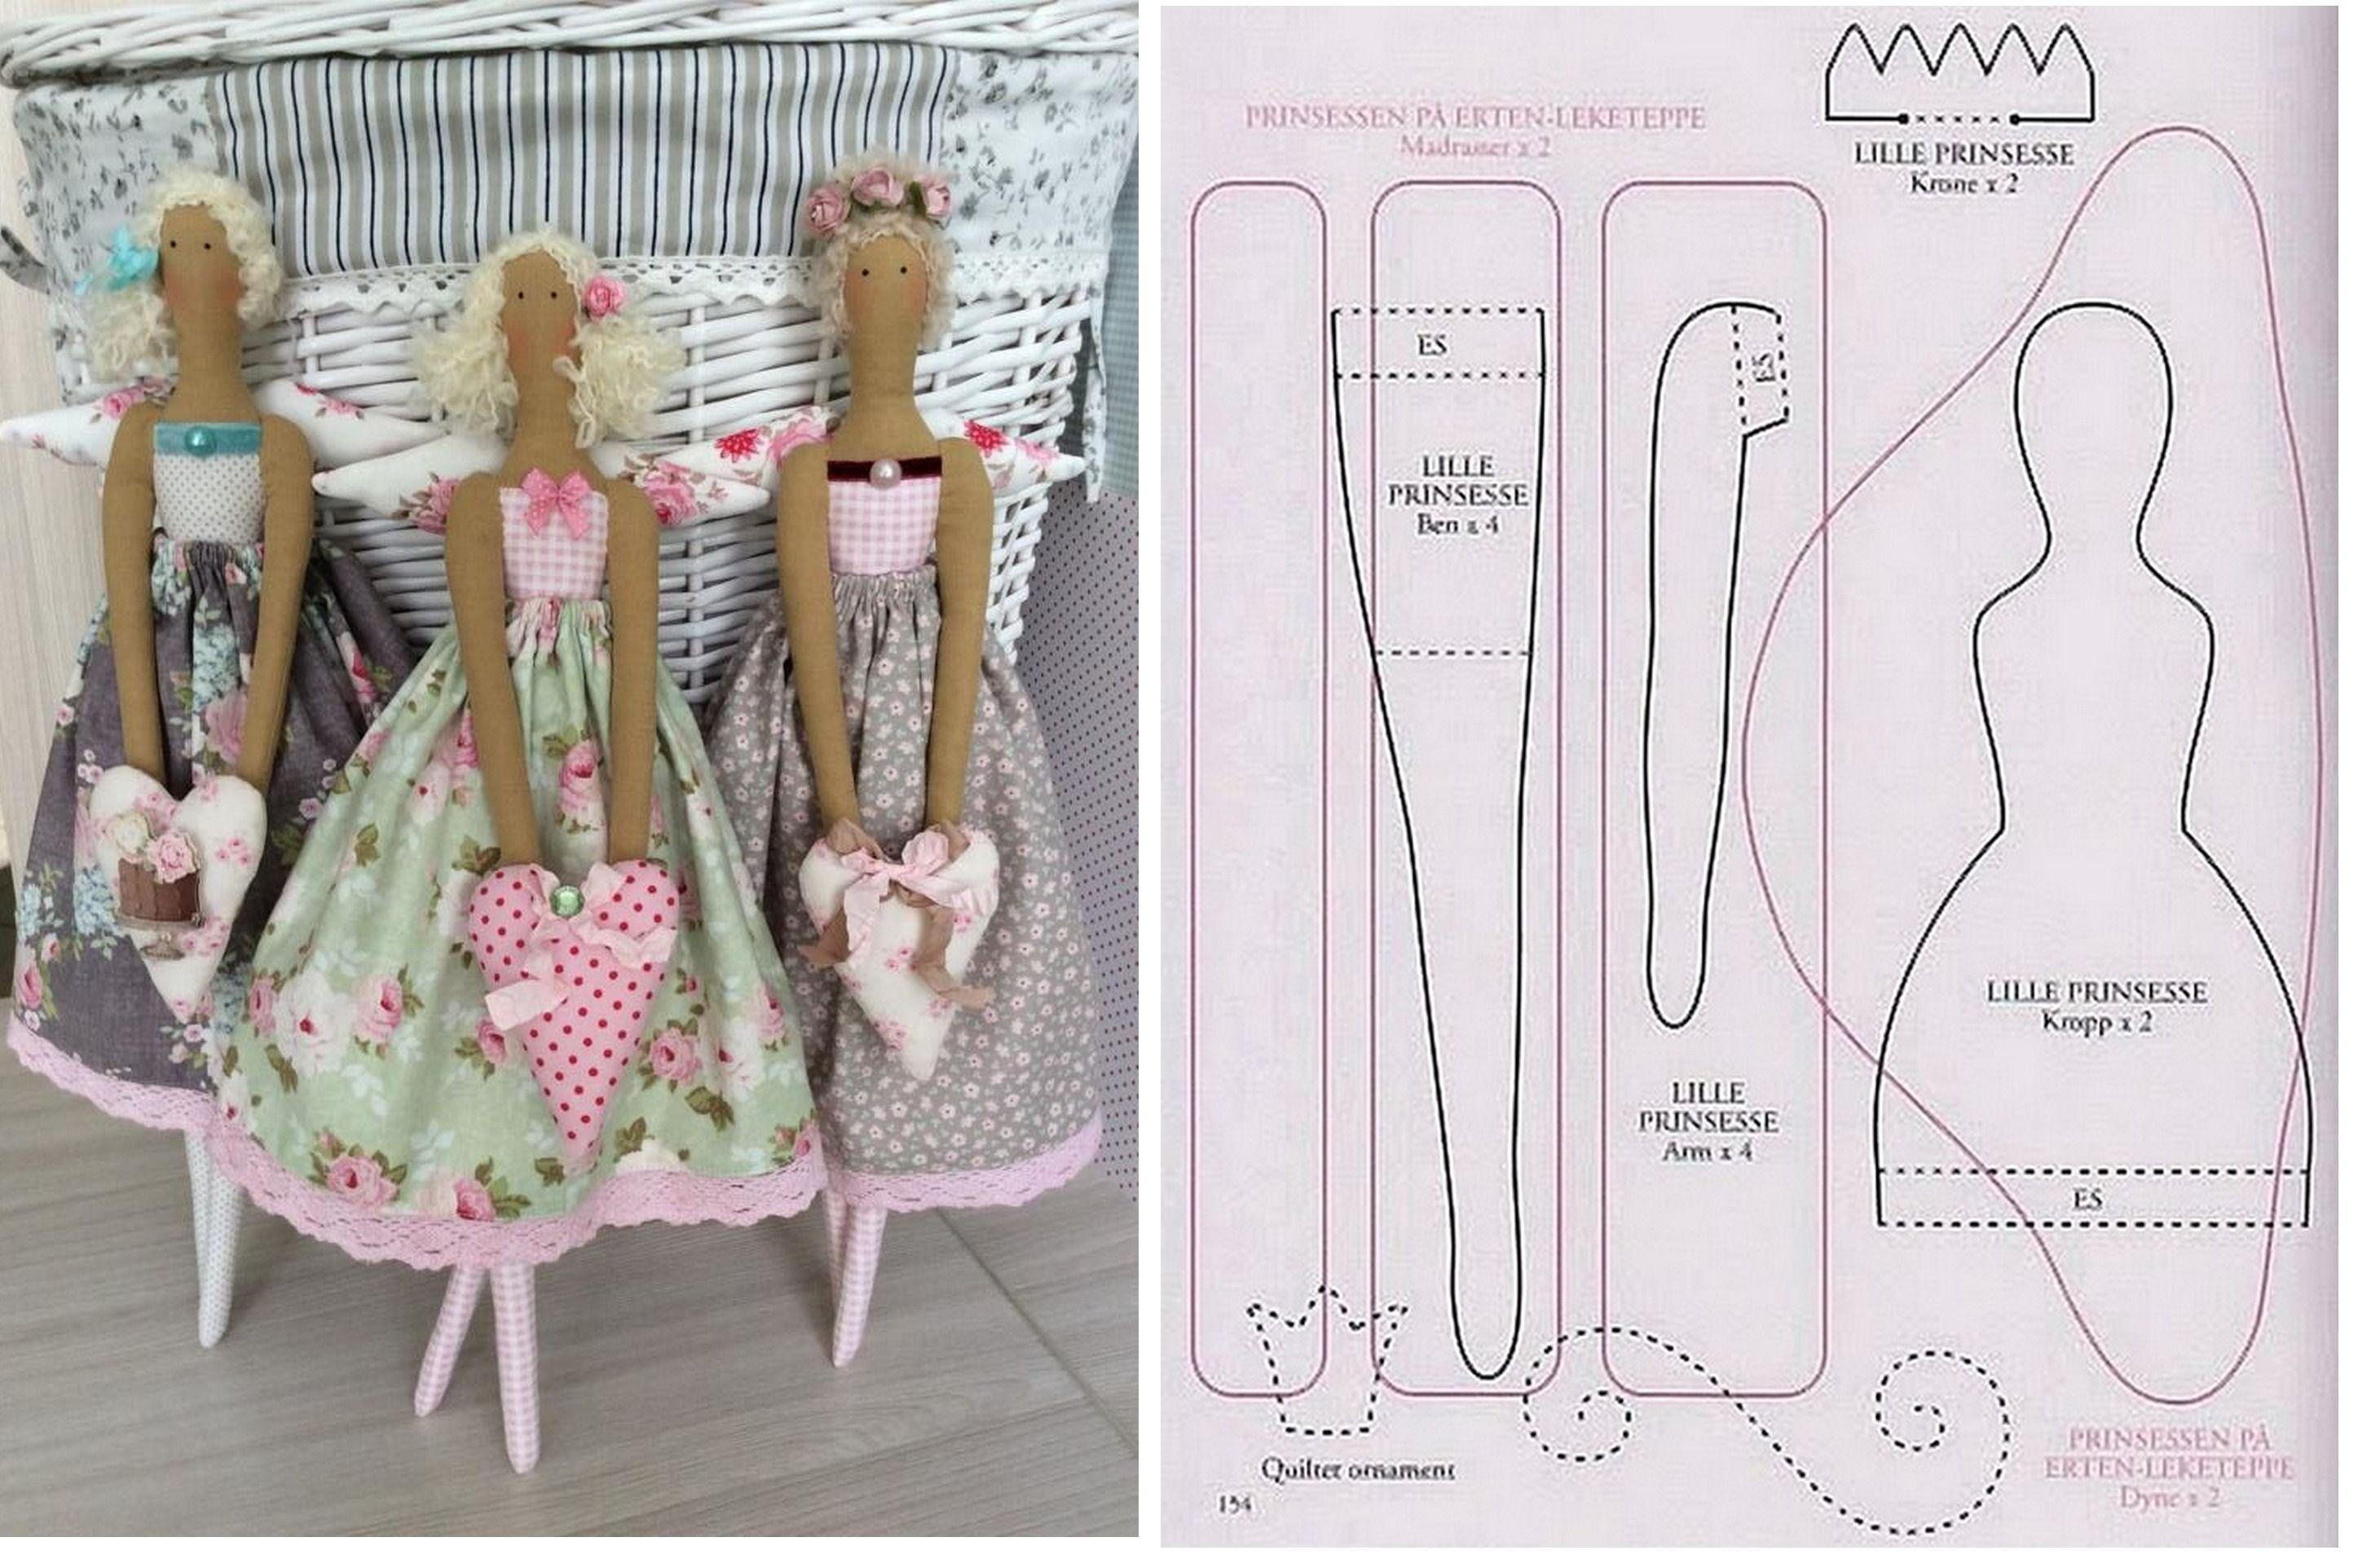 Тильда своими руками - пошаговые мастер-классы с выкройками. ткани для создания авторской куклы (тело, одежды, волосы, набивка), как оформить лицо куклы.